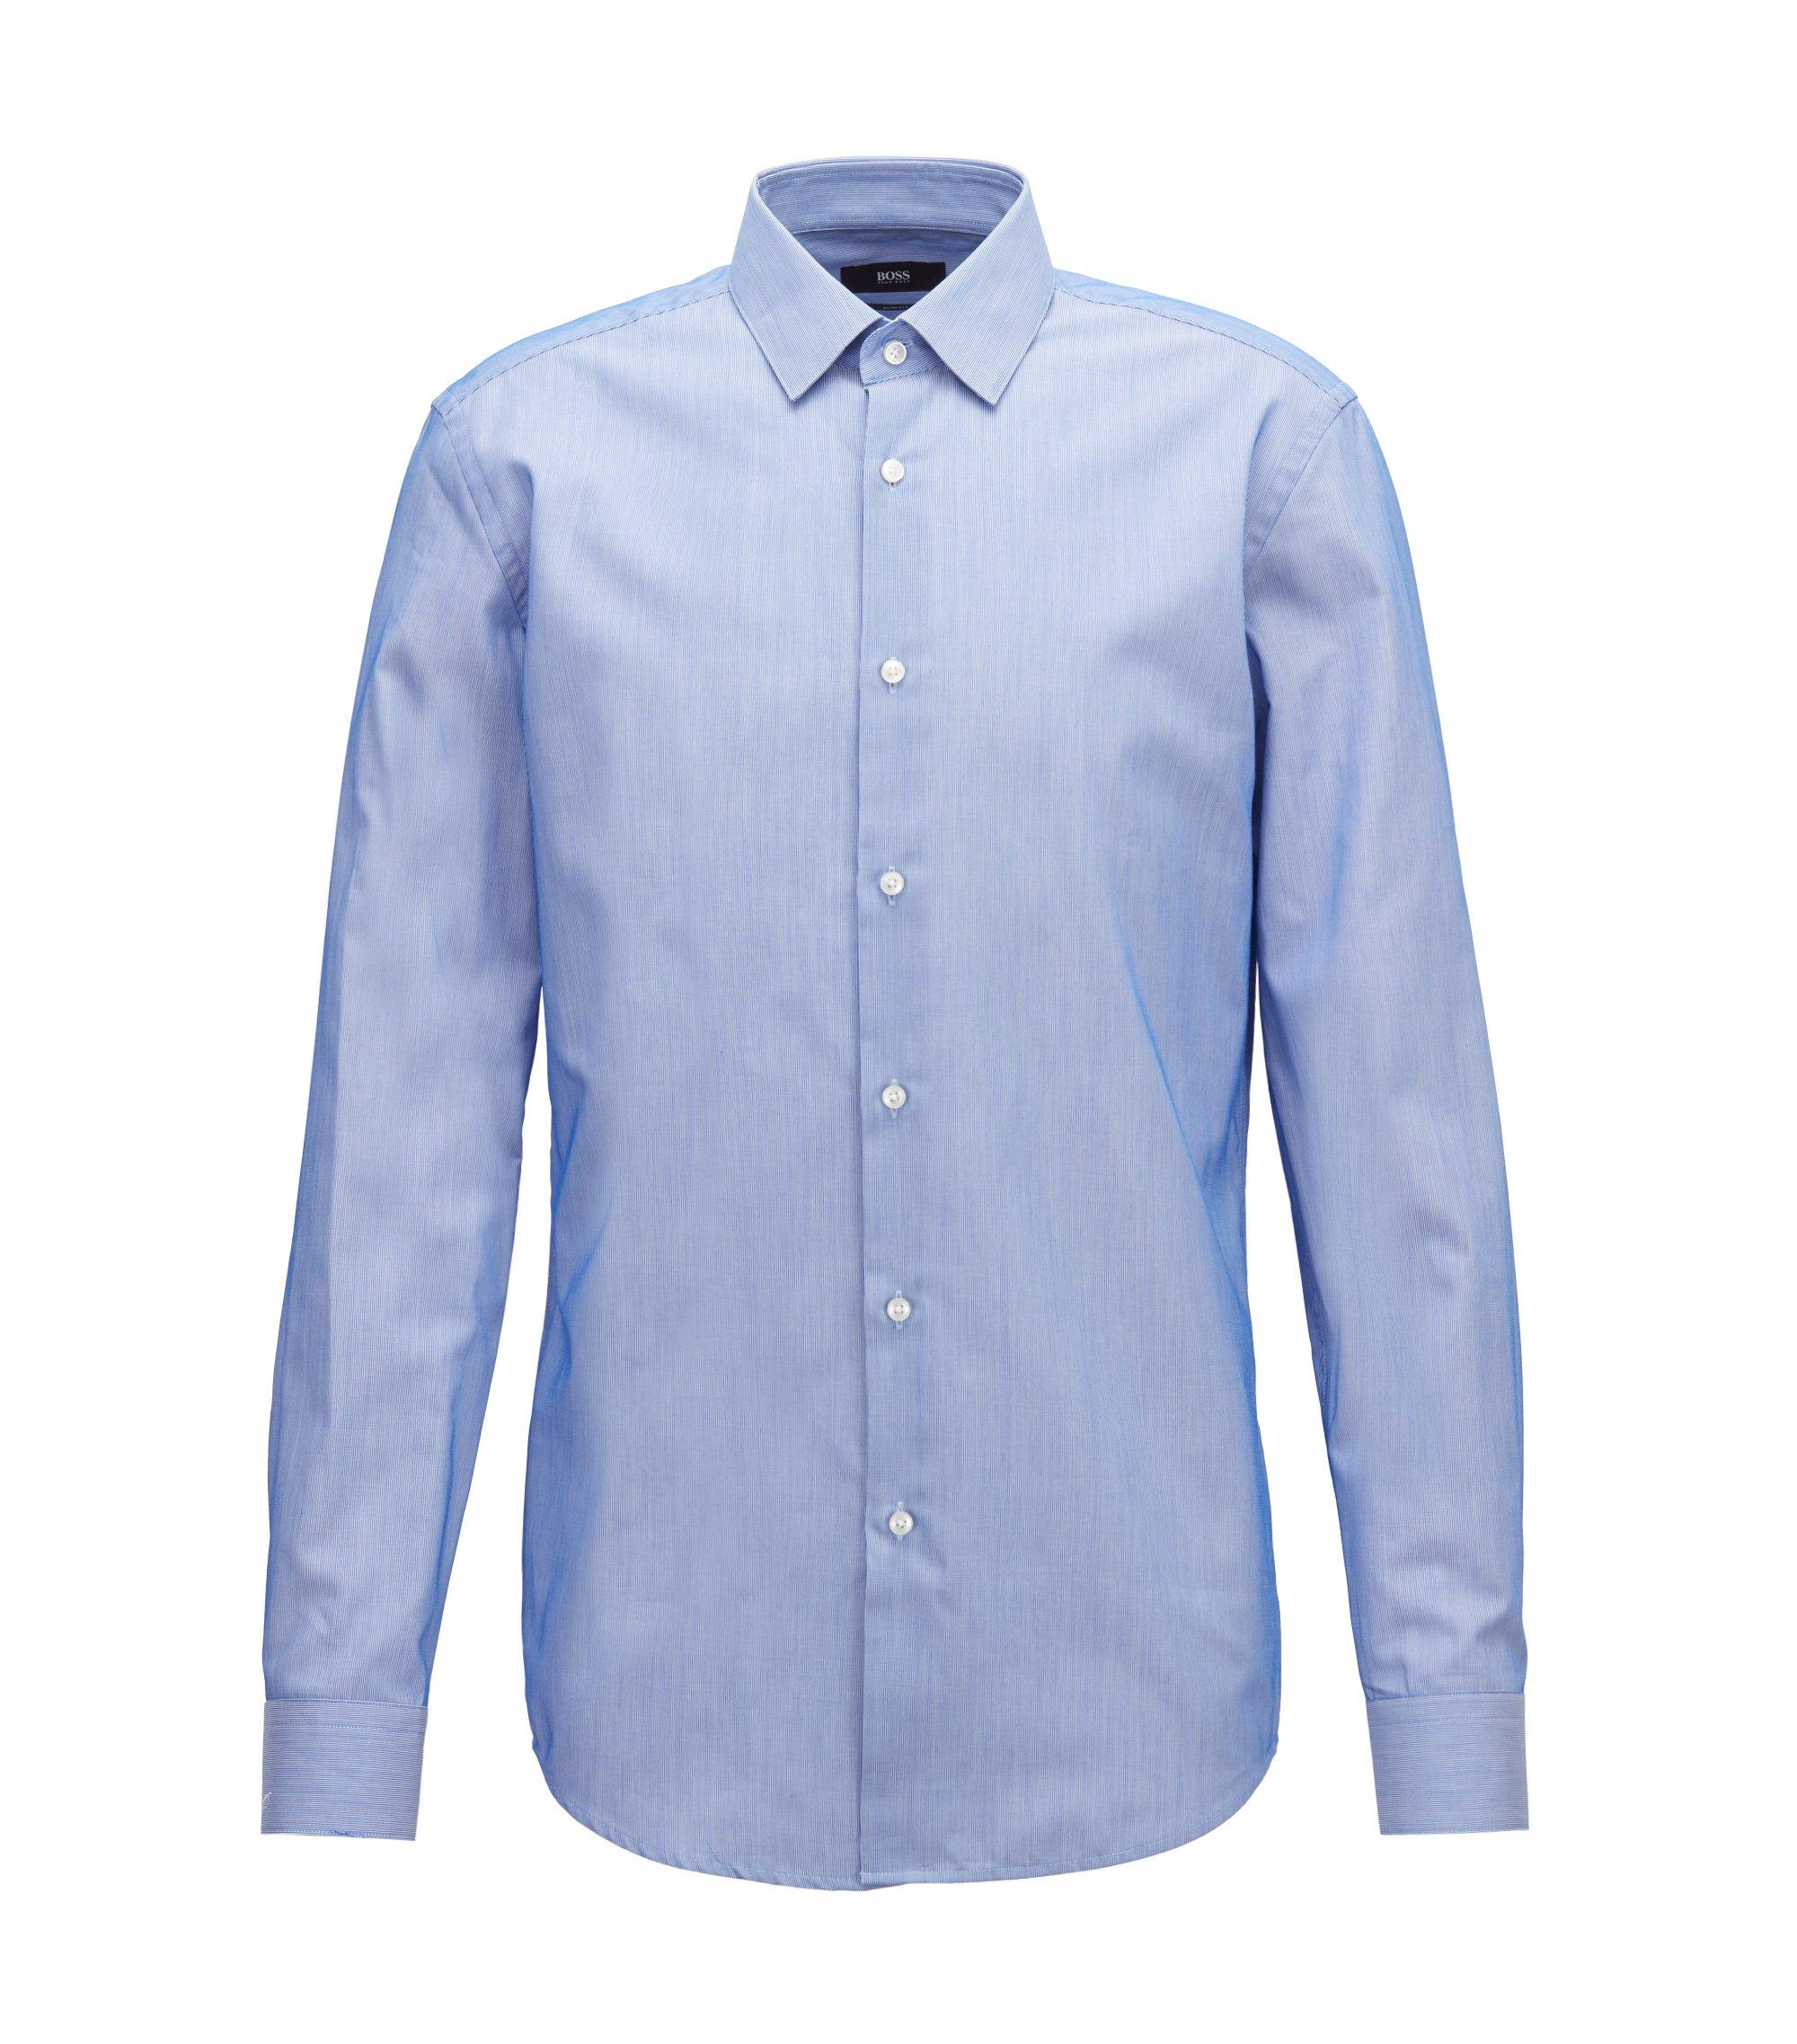 Chemise Slim Fit en coton façonné à rayures, Bleu